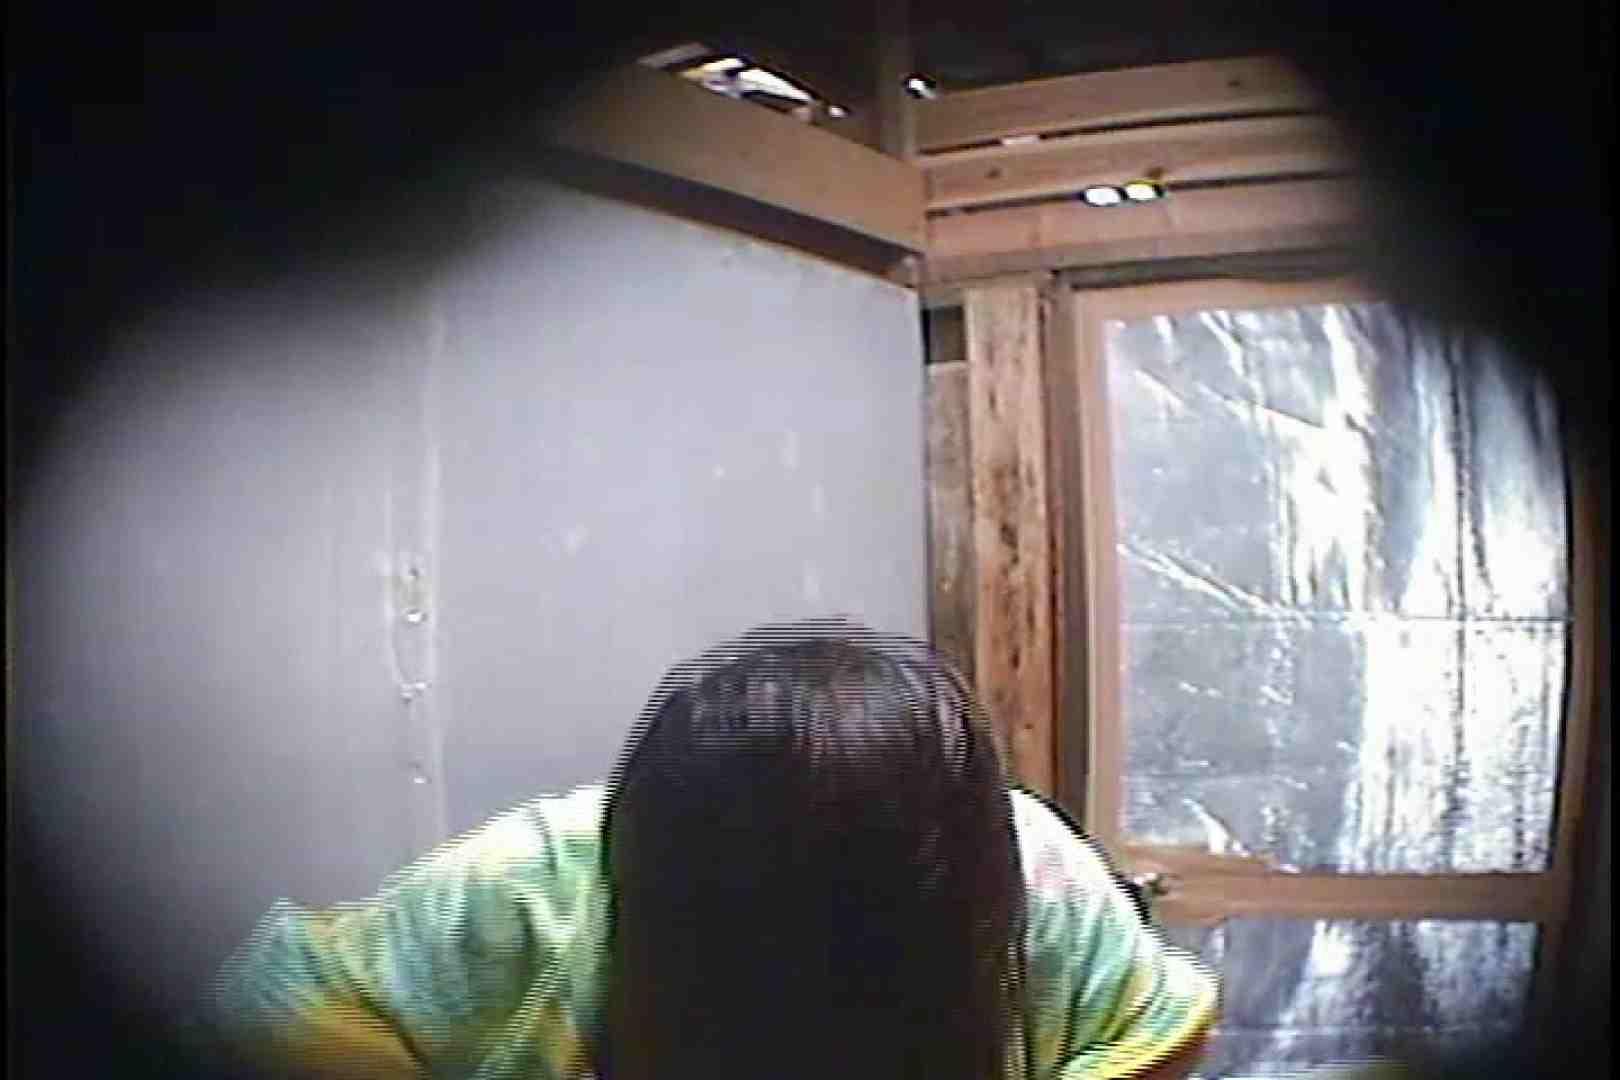 海の家の更衣室 Vol.45 日焼けギャル エロ画像 76枚 17